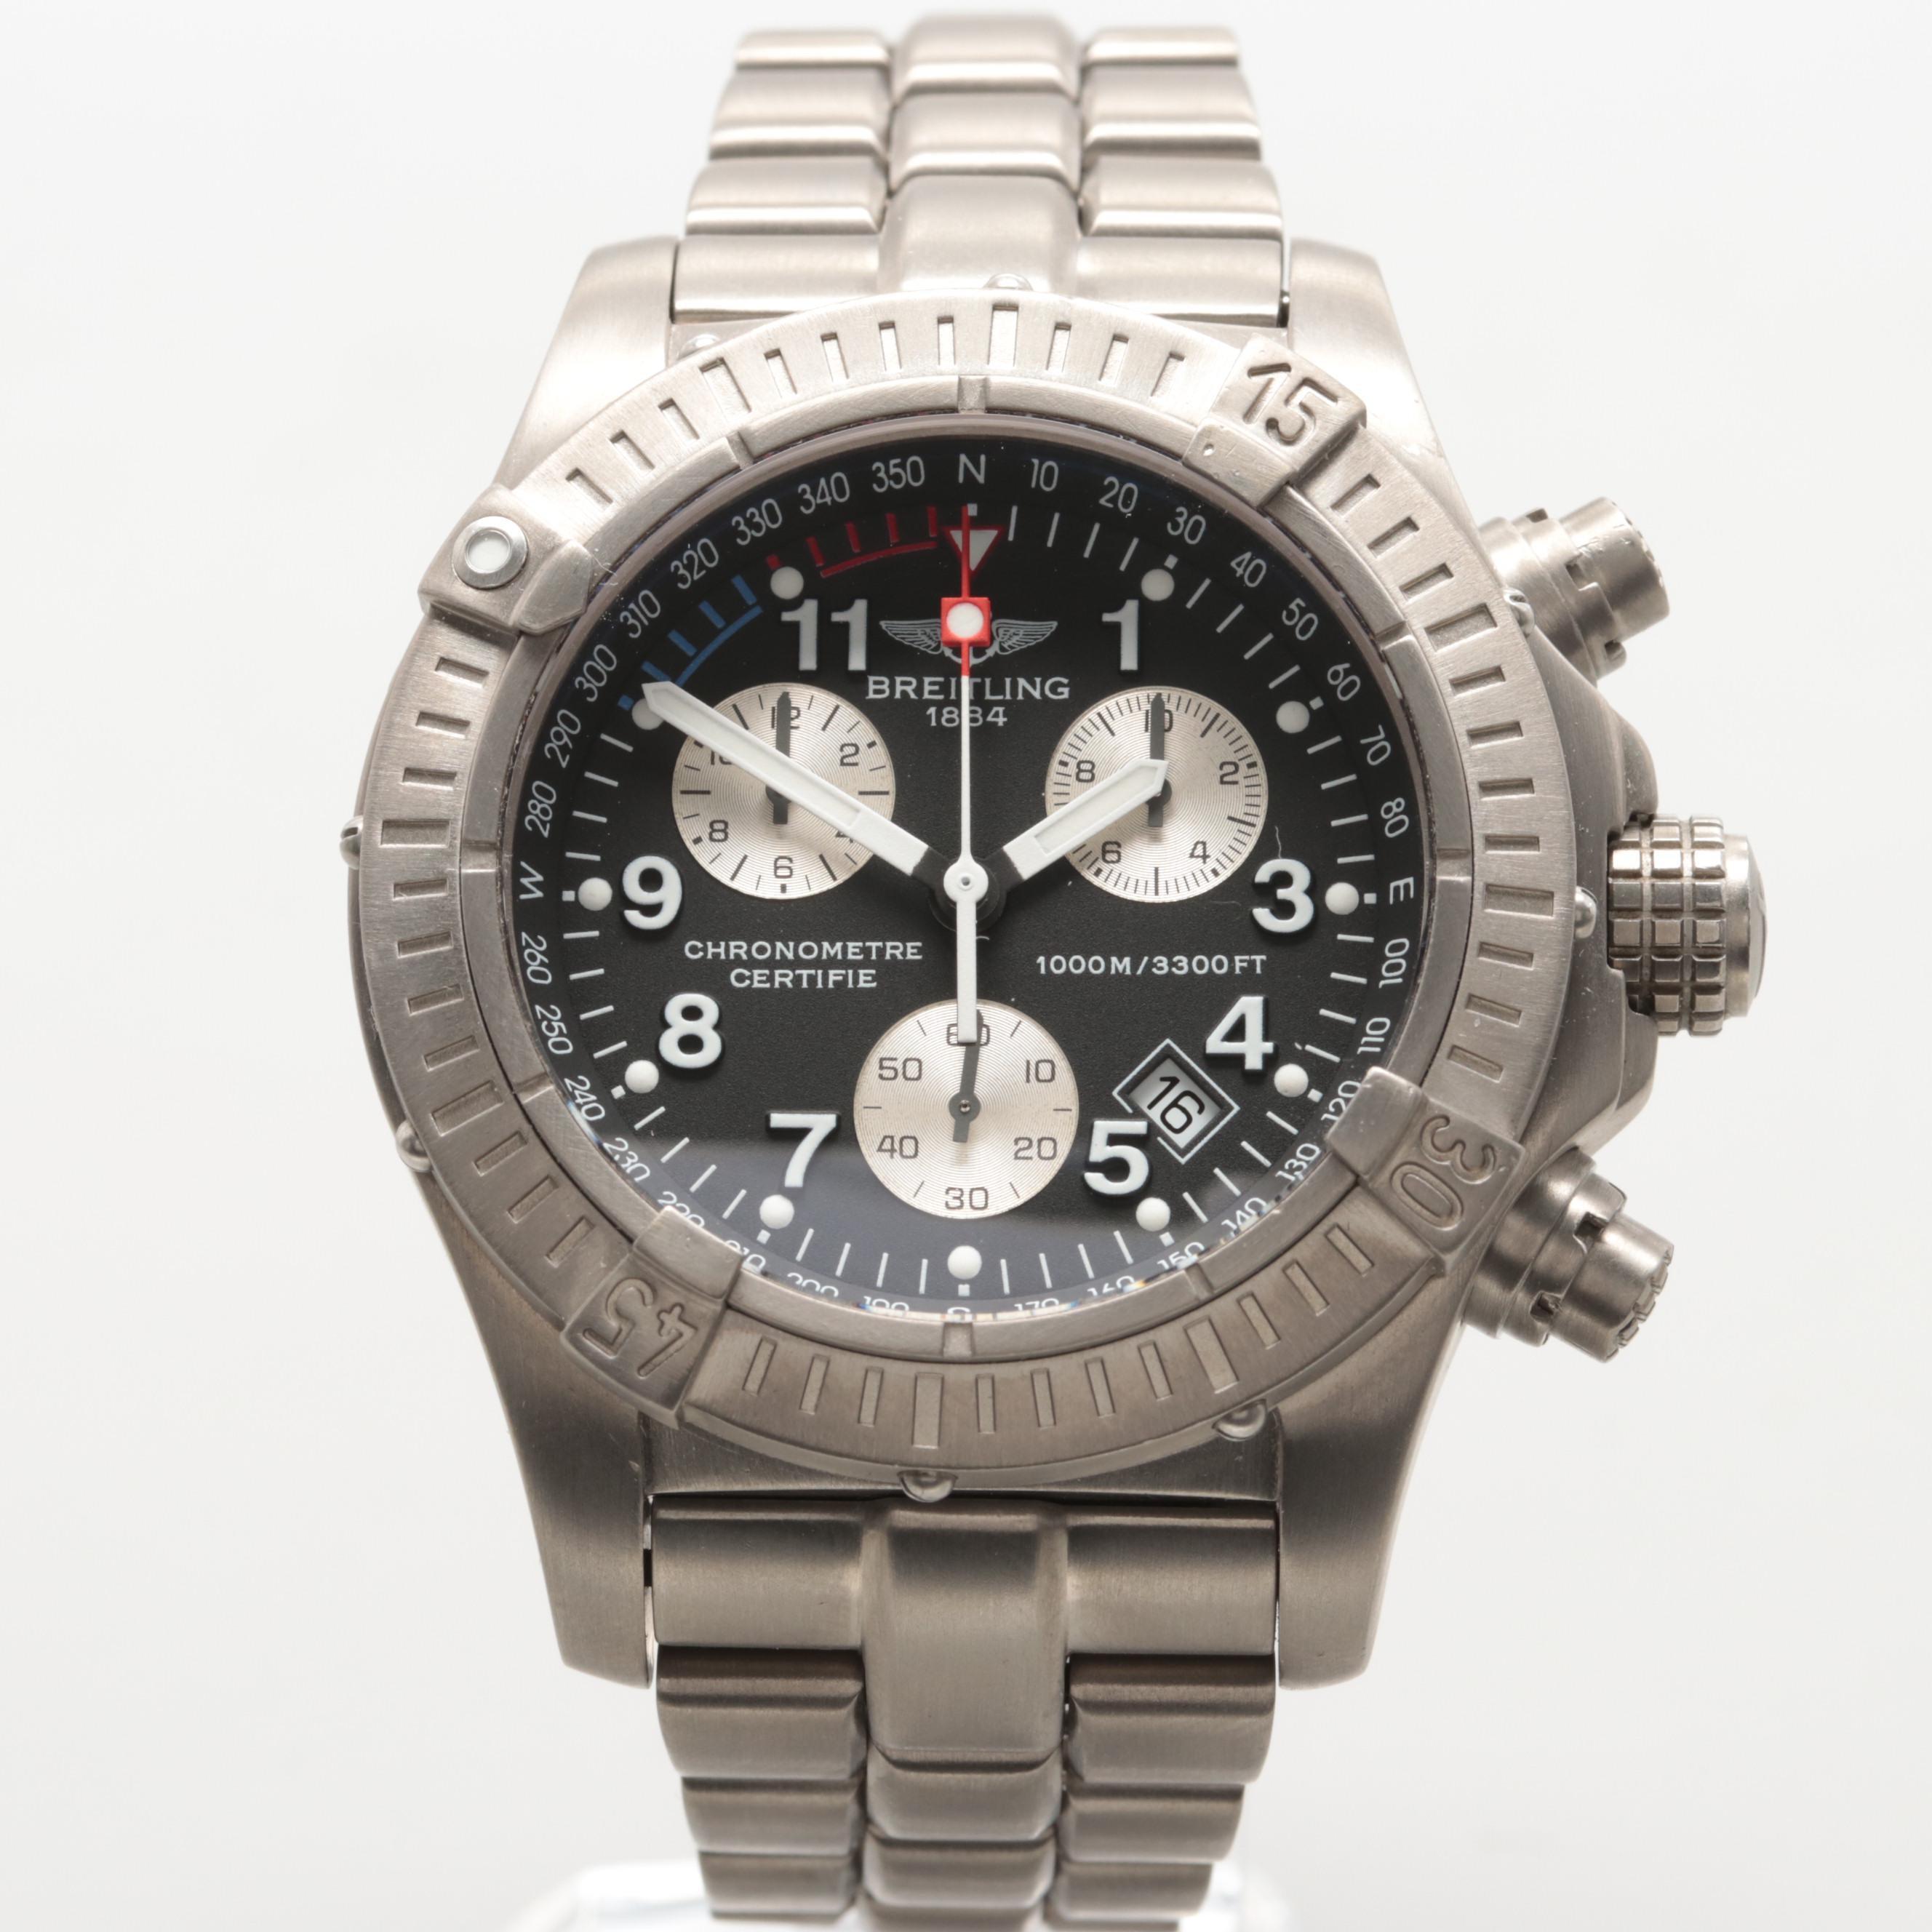 Breitling Chrono Avenger M1 Titanium Quartz Wristwatch